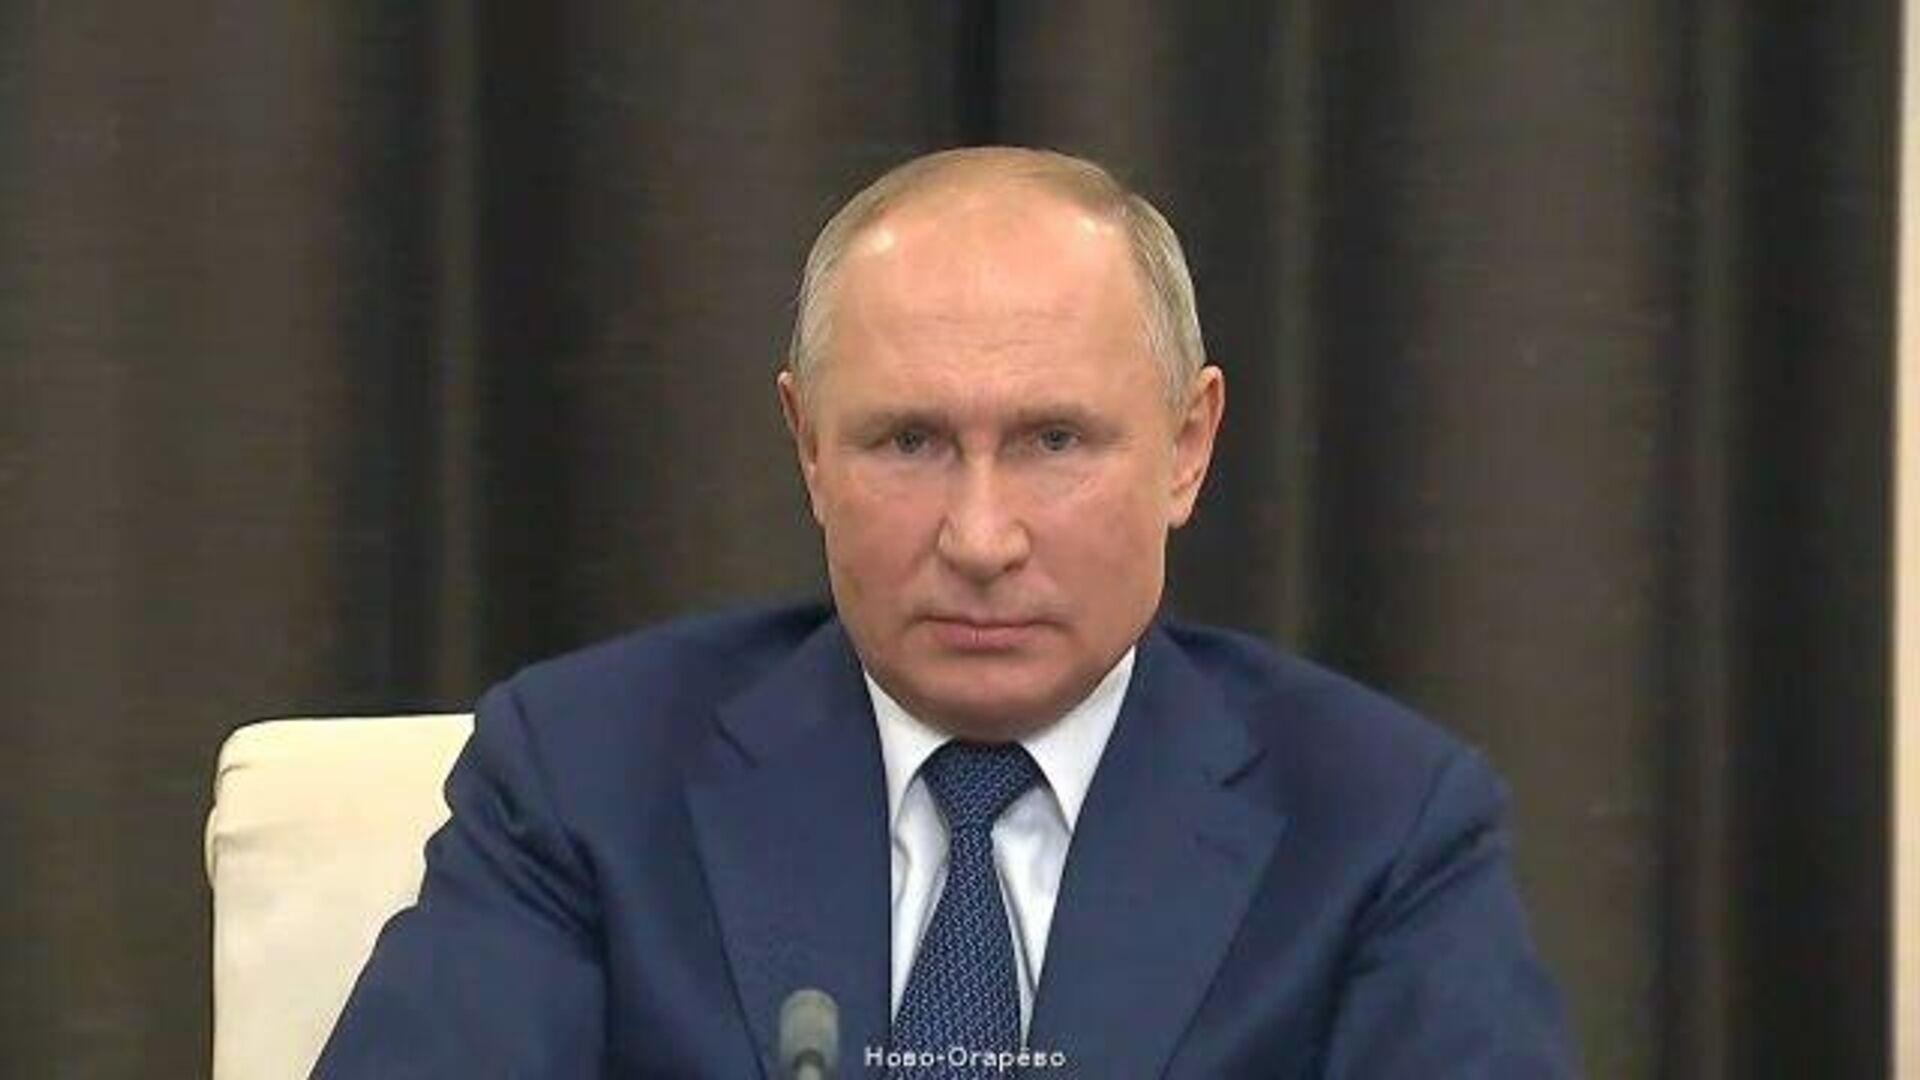 Путин рассказал о планах повсеместного внедрения технологии искусственного интеллекта  - РИА Новости, 1920, 04.12.2020